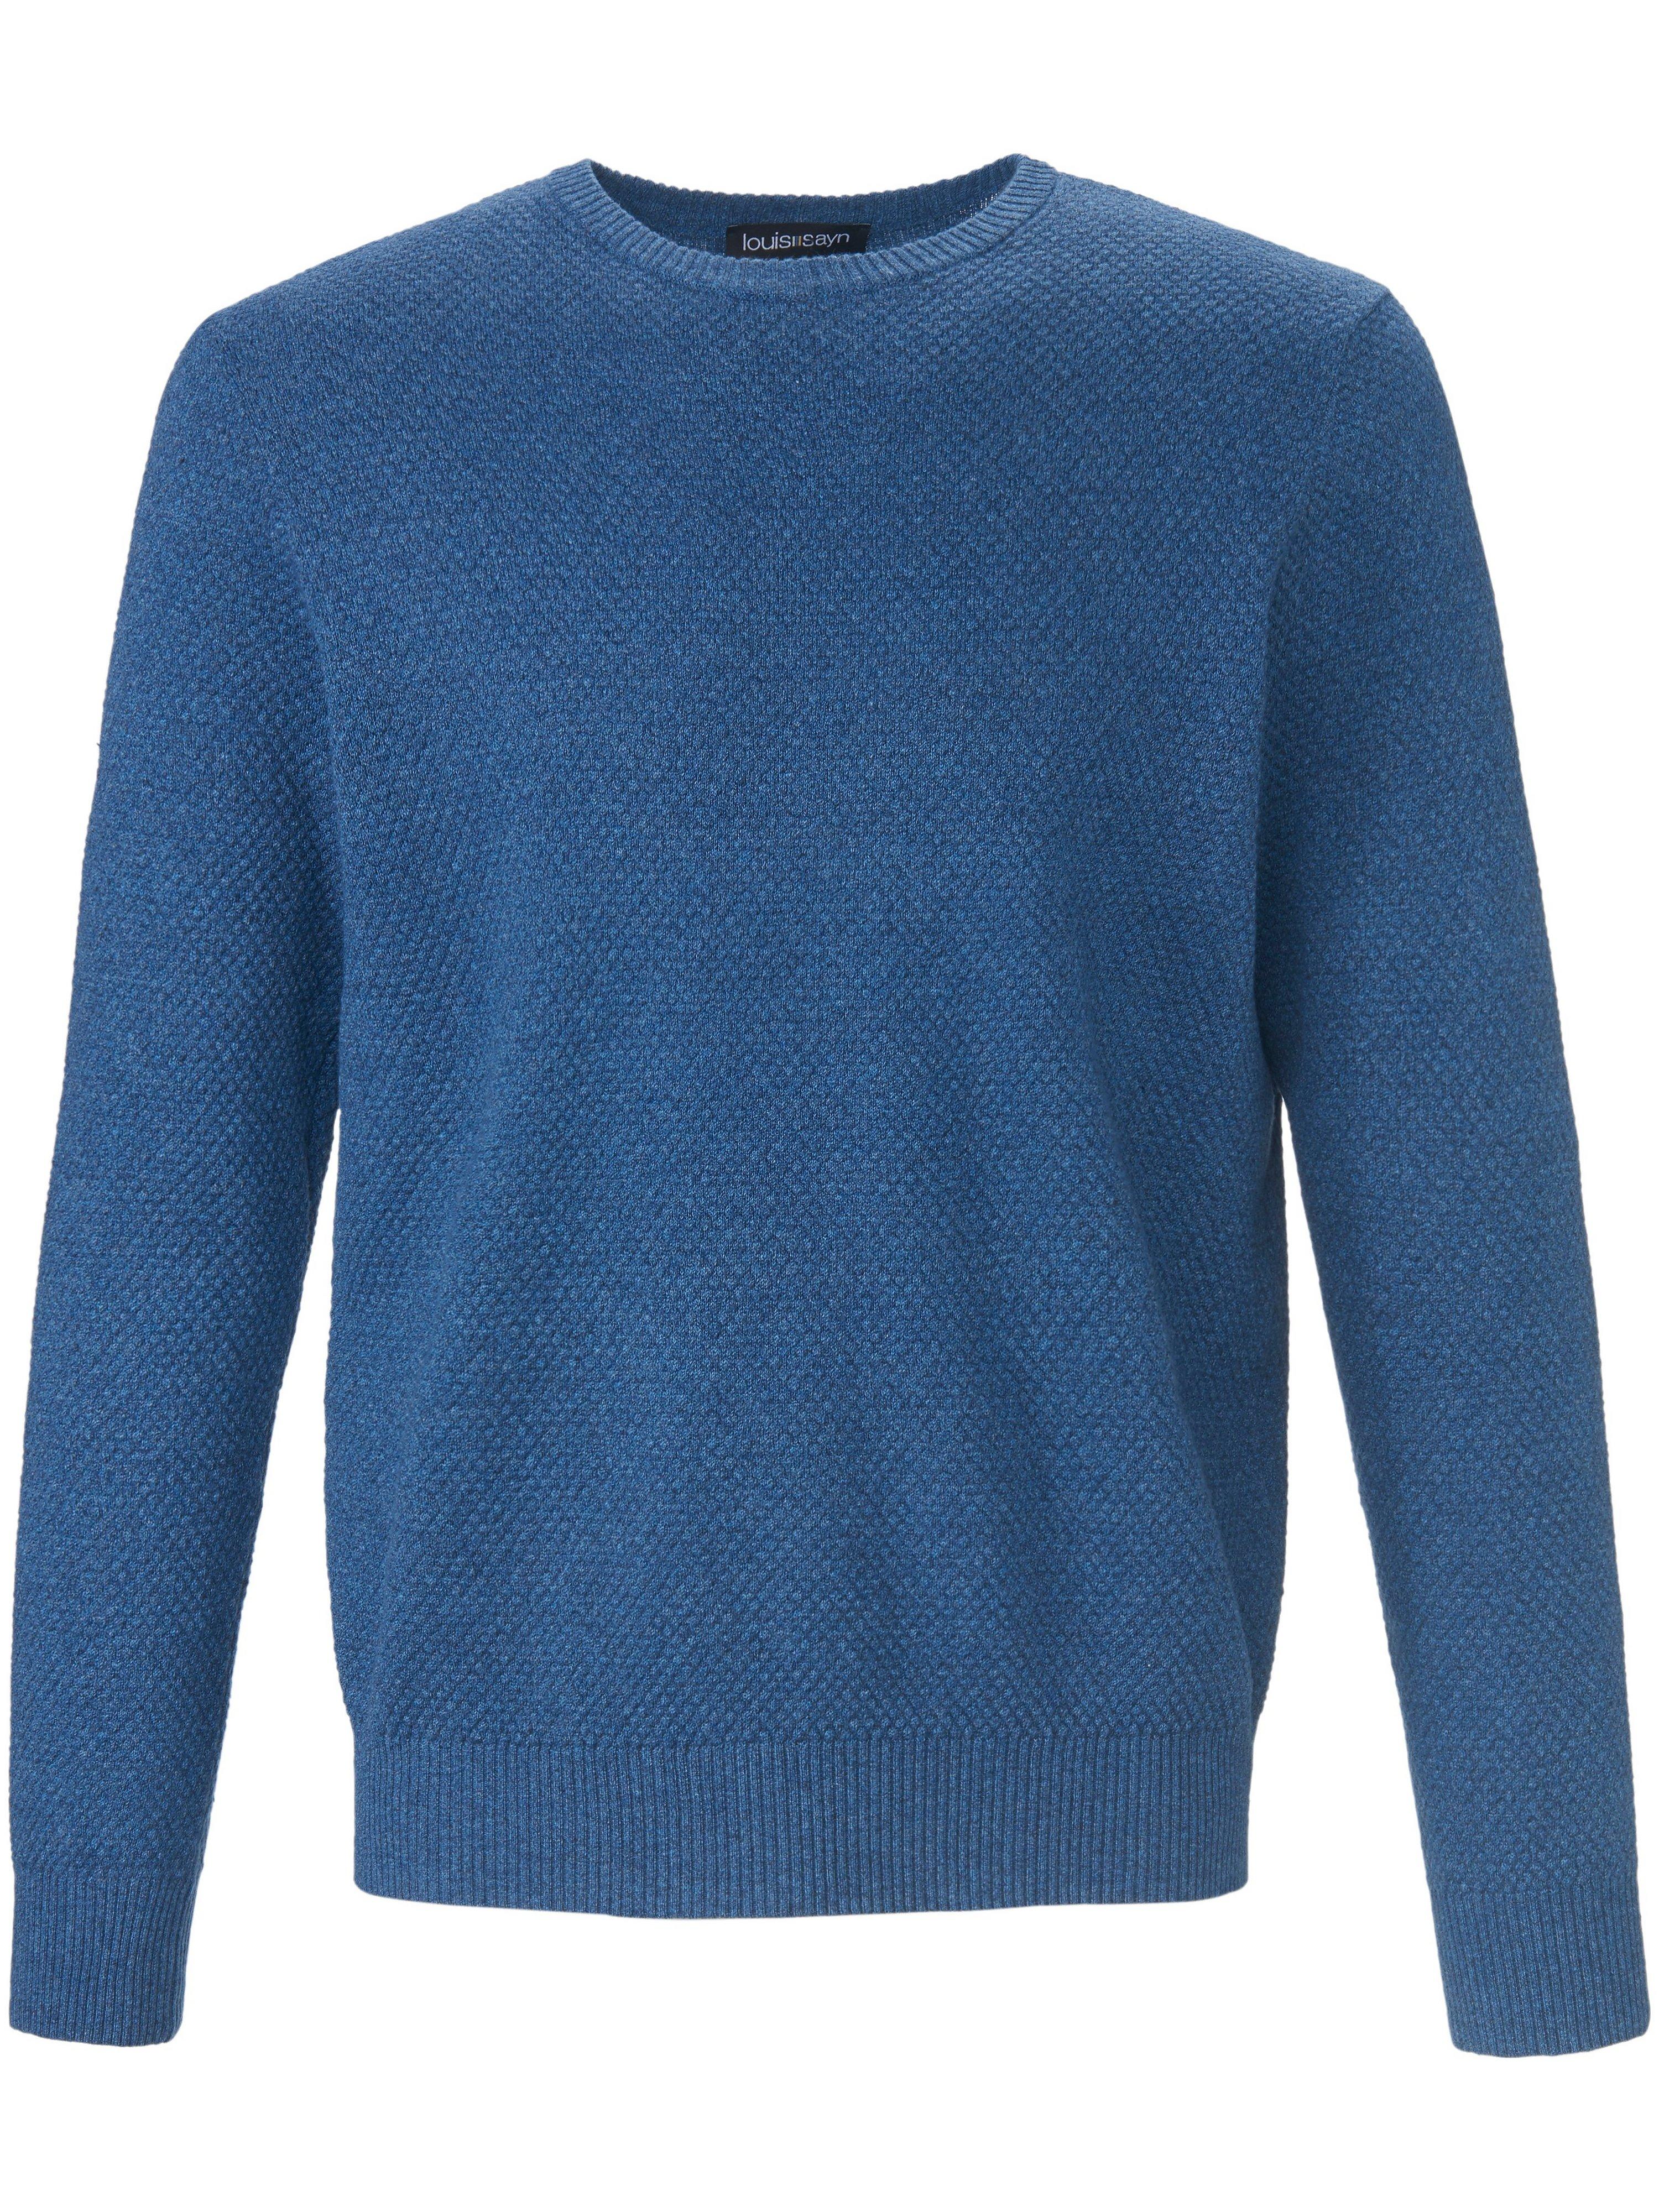 Le pull ras-de-cou décontracté 100% coton  Louis Sayn bleu taille 48